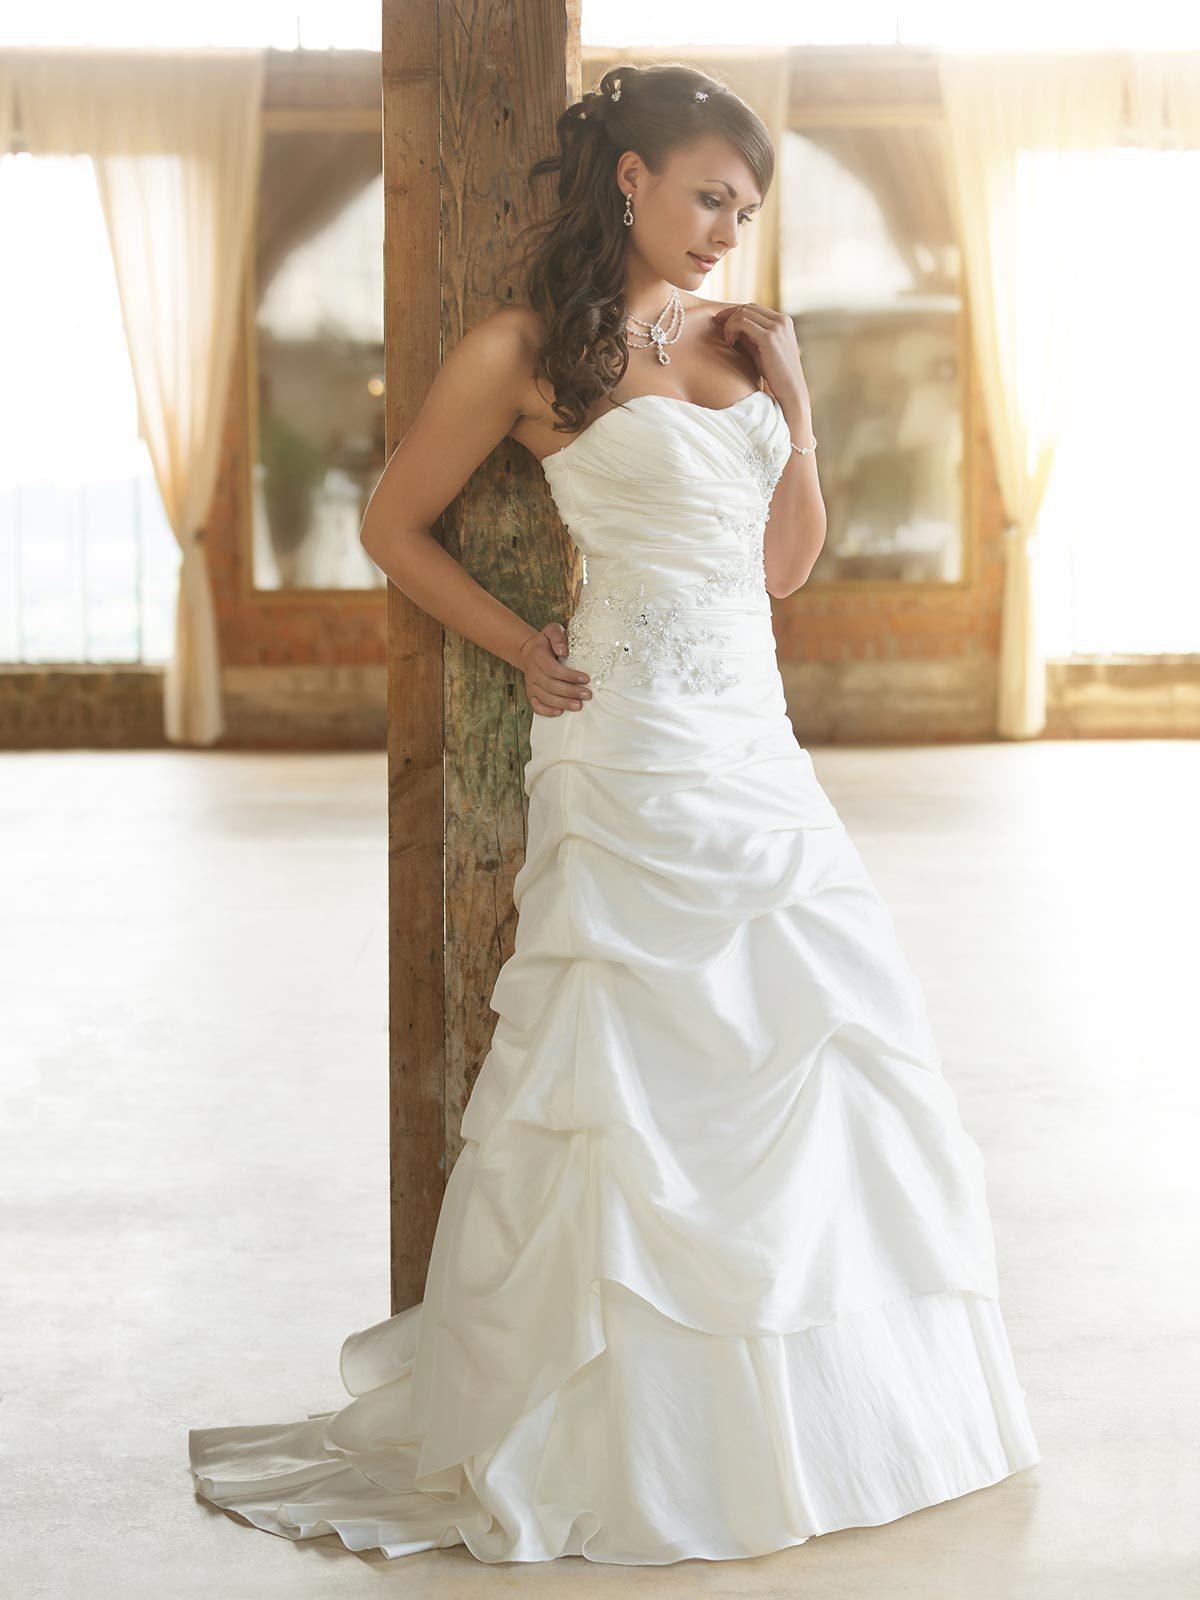 Brautkleid 329532 von Weise auf Jade